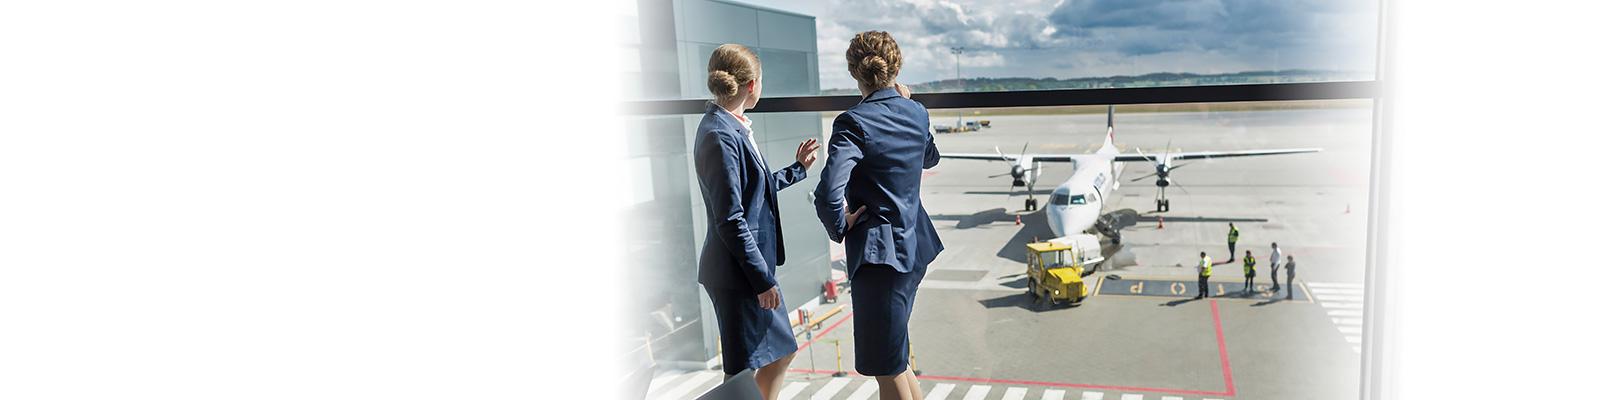 空港 職員 運用 イメージ